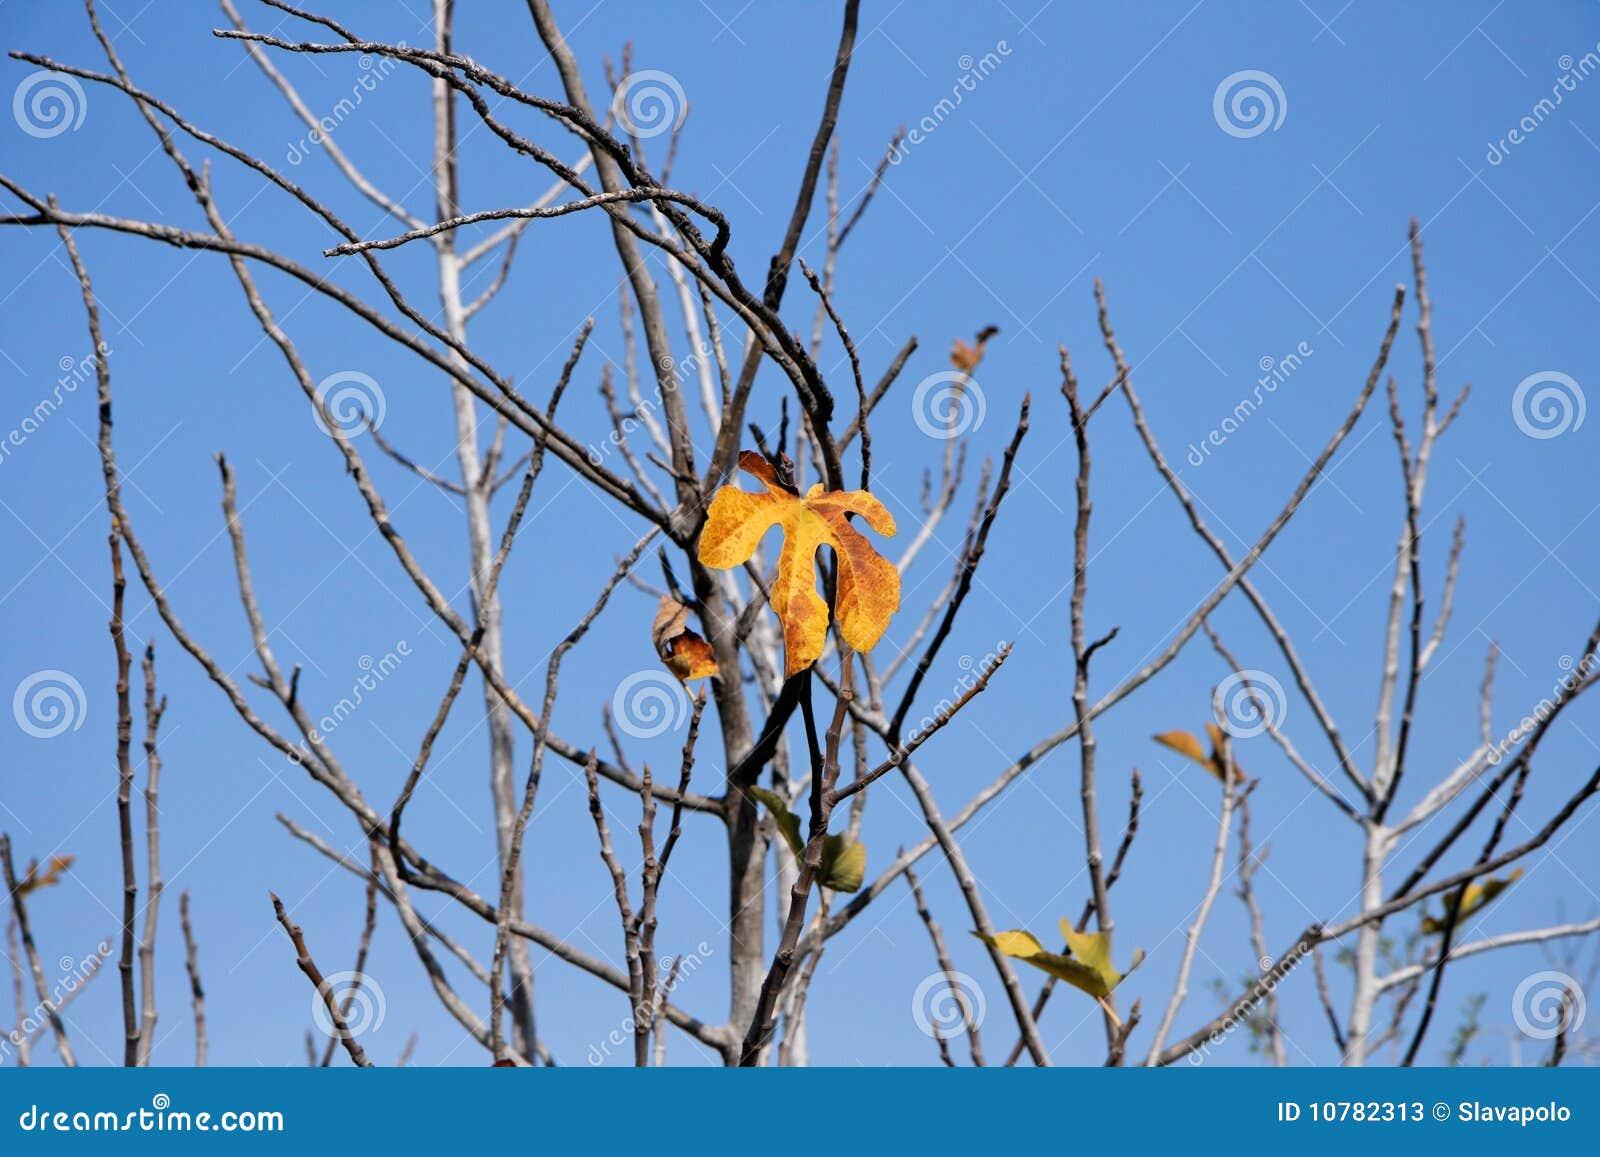 Laatste oranje blad op de vijgeboom in de herfst